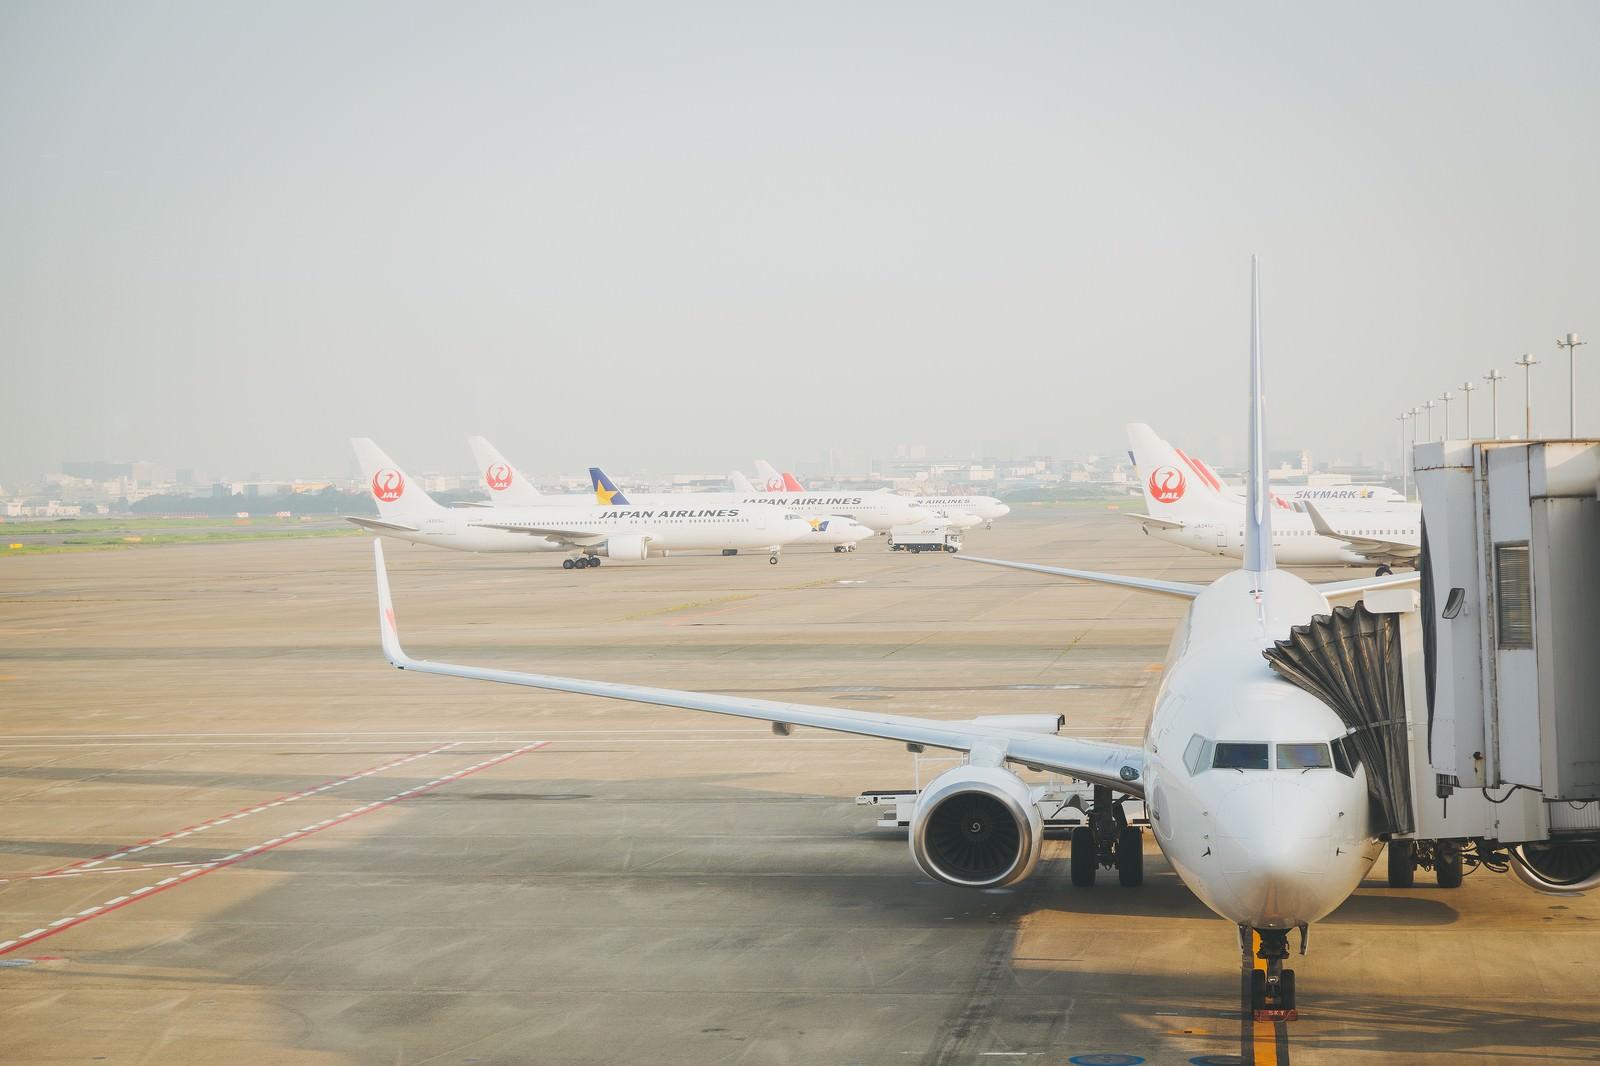 旅客機と空港